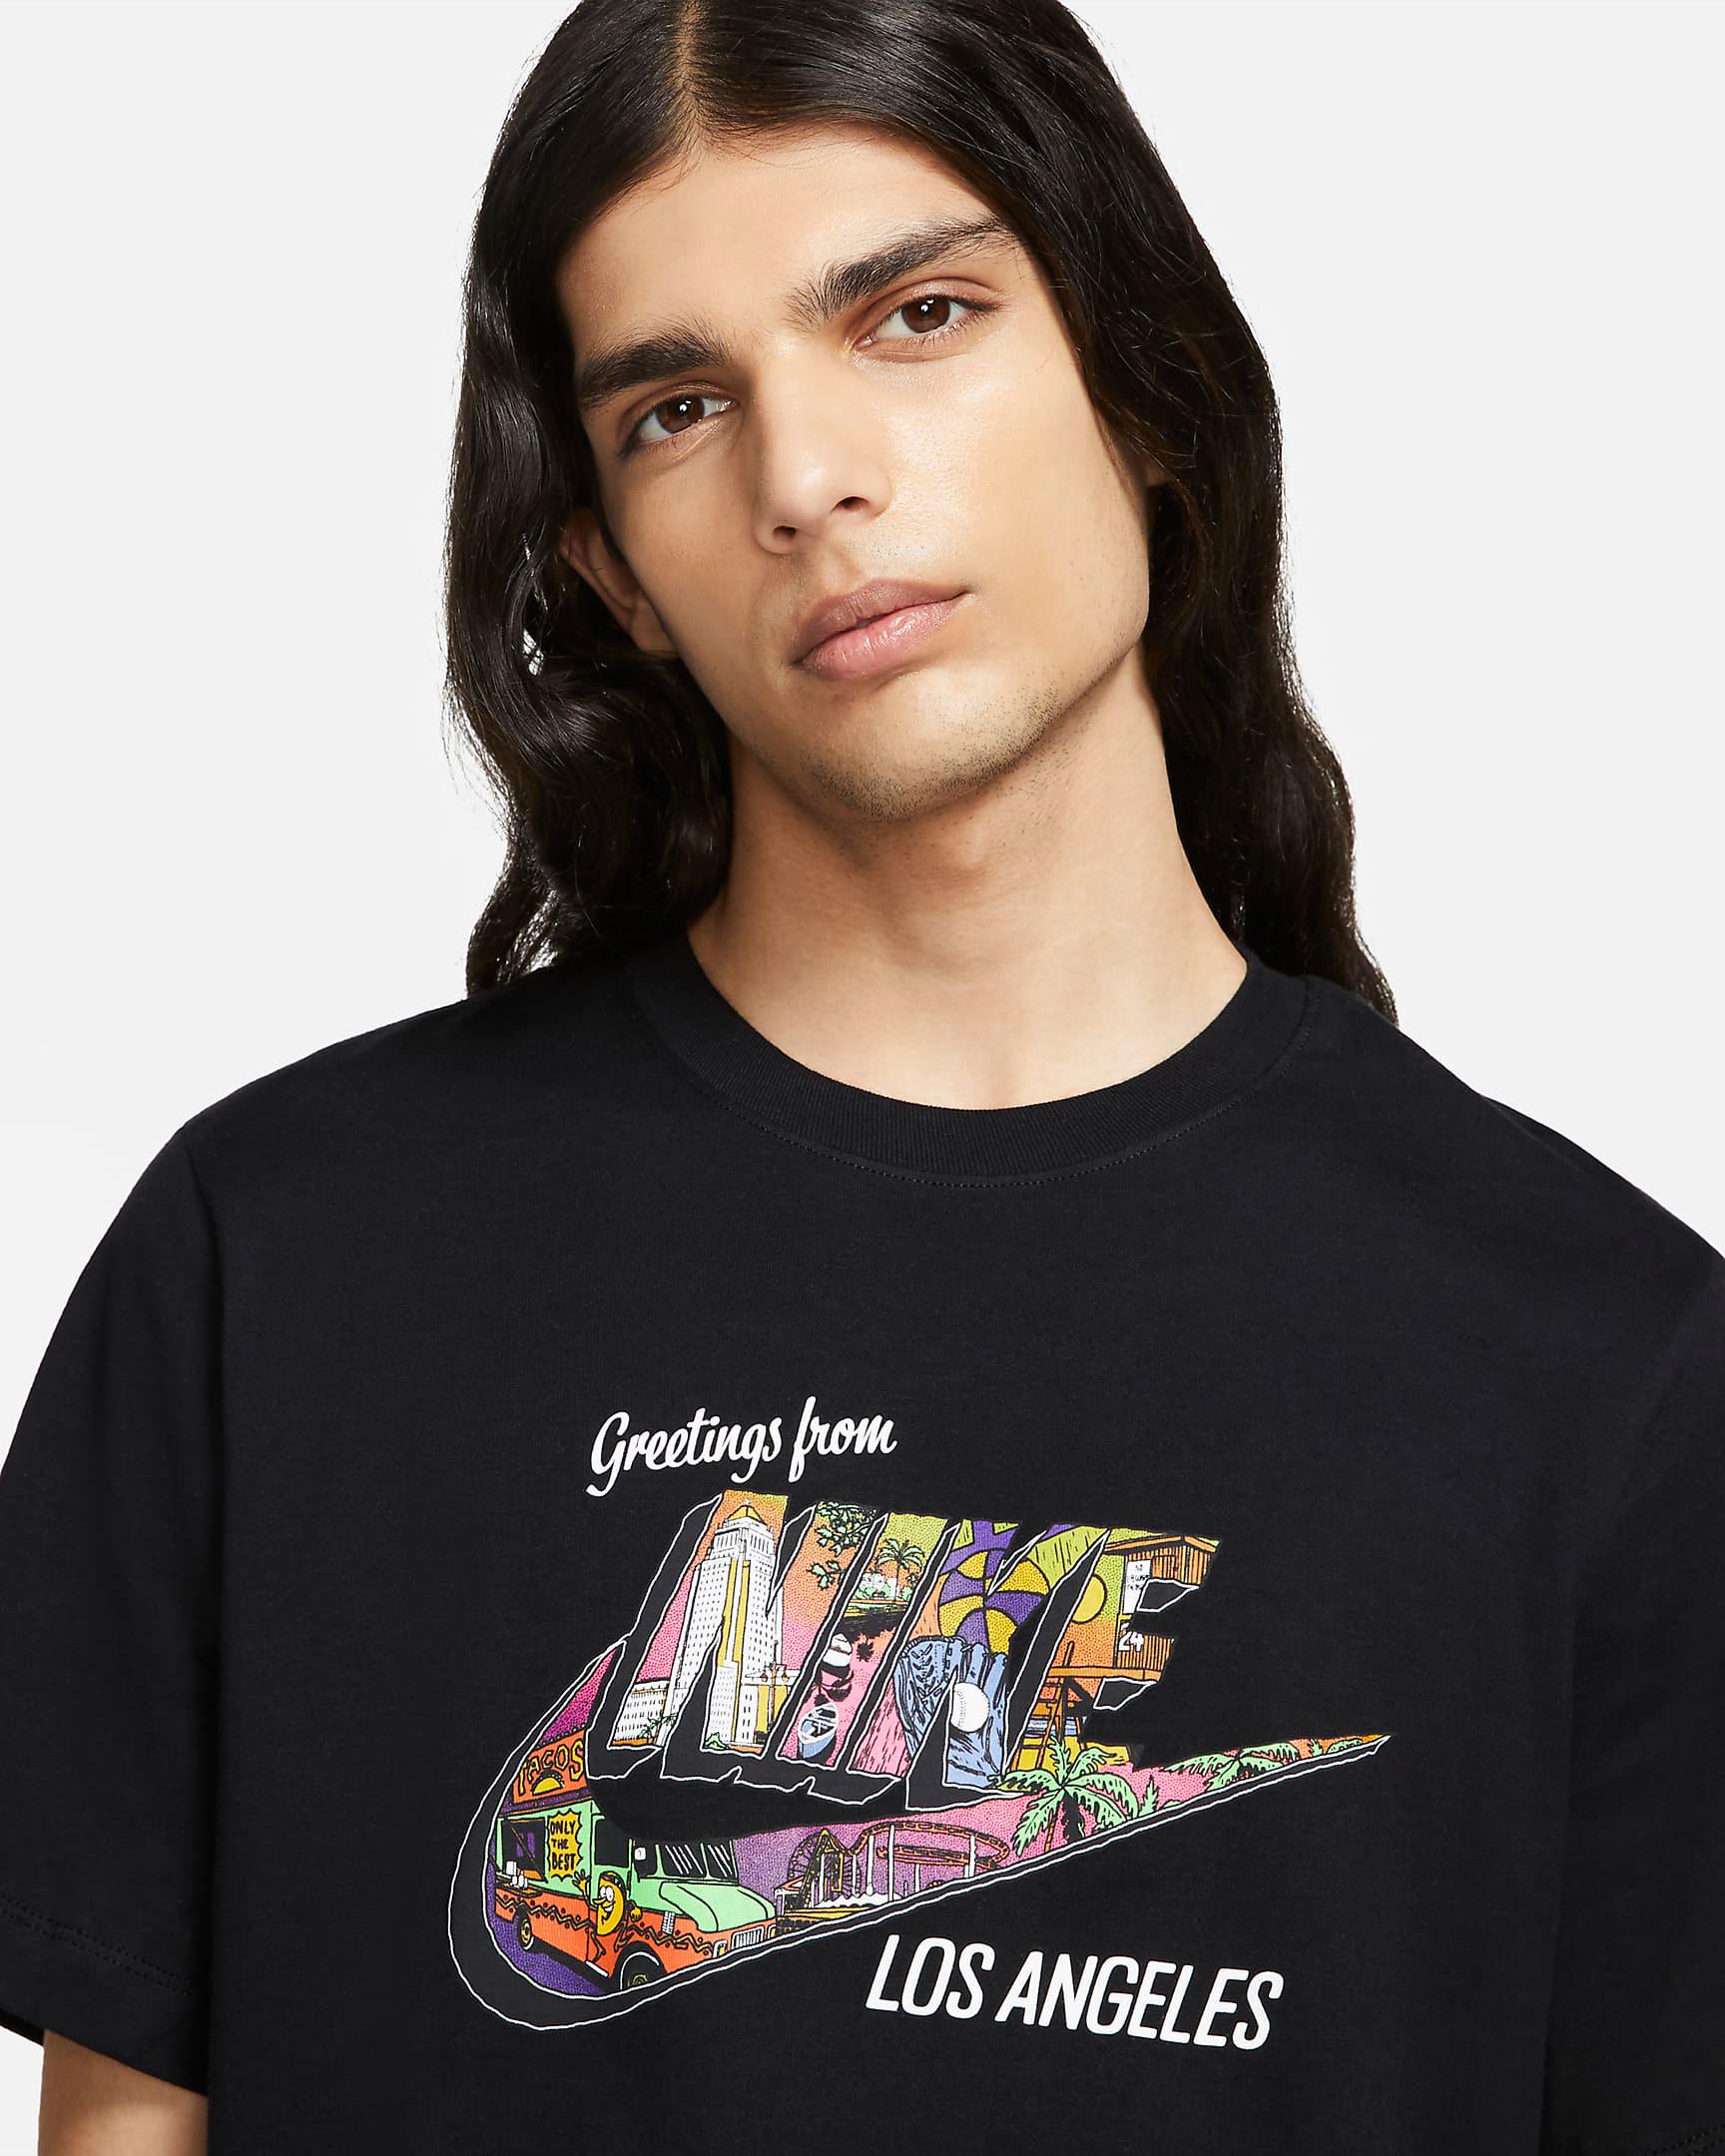 nike-los-angeles-shirt-1